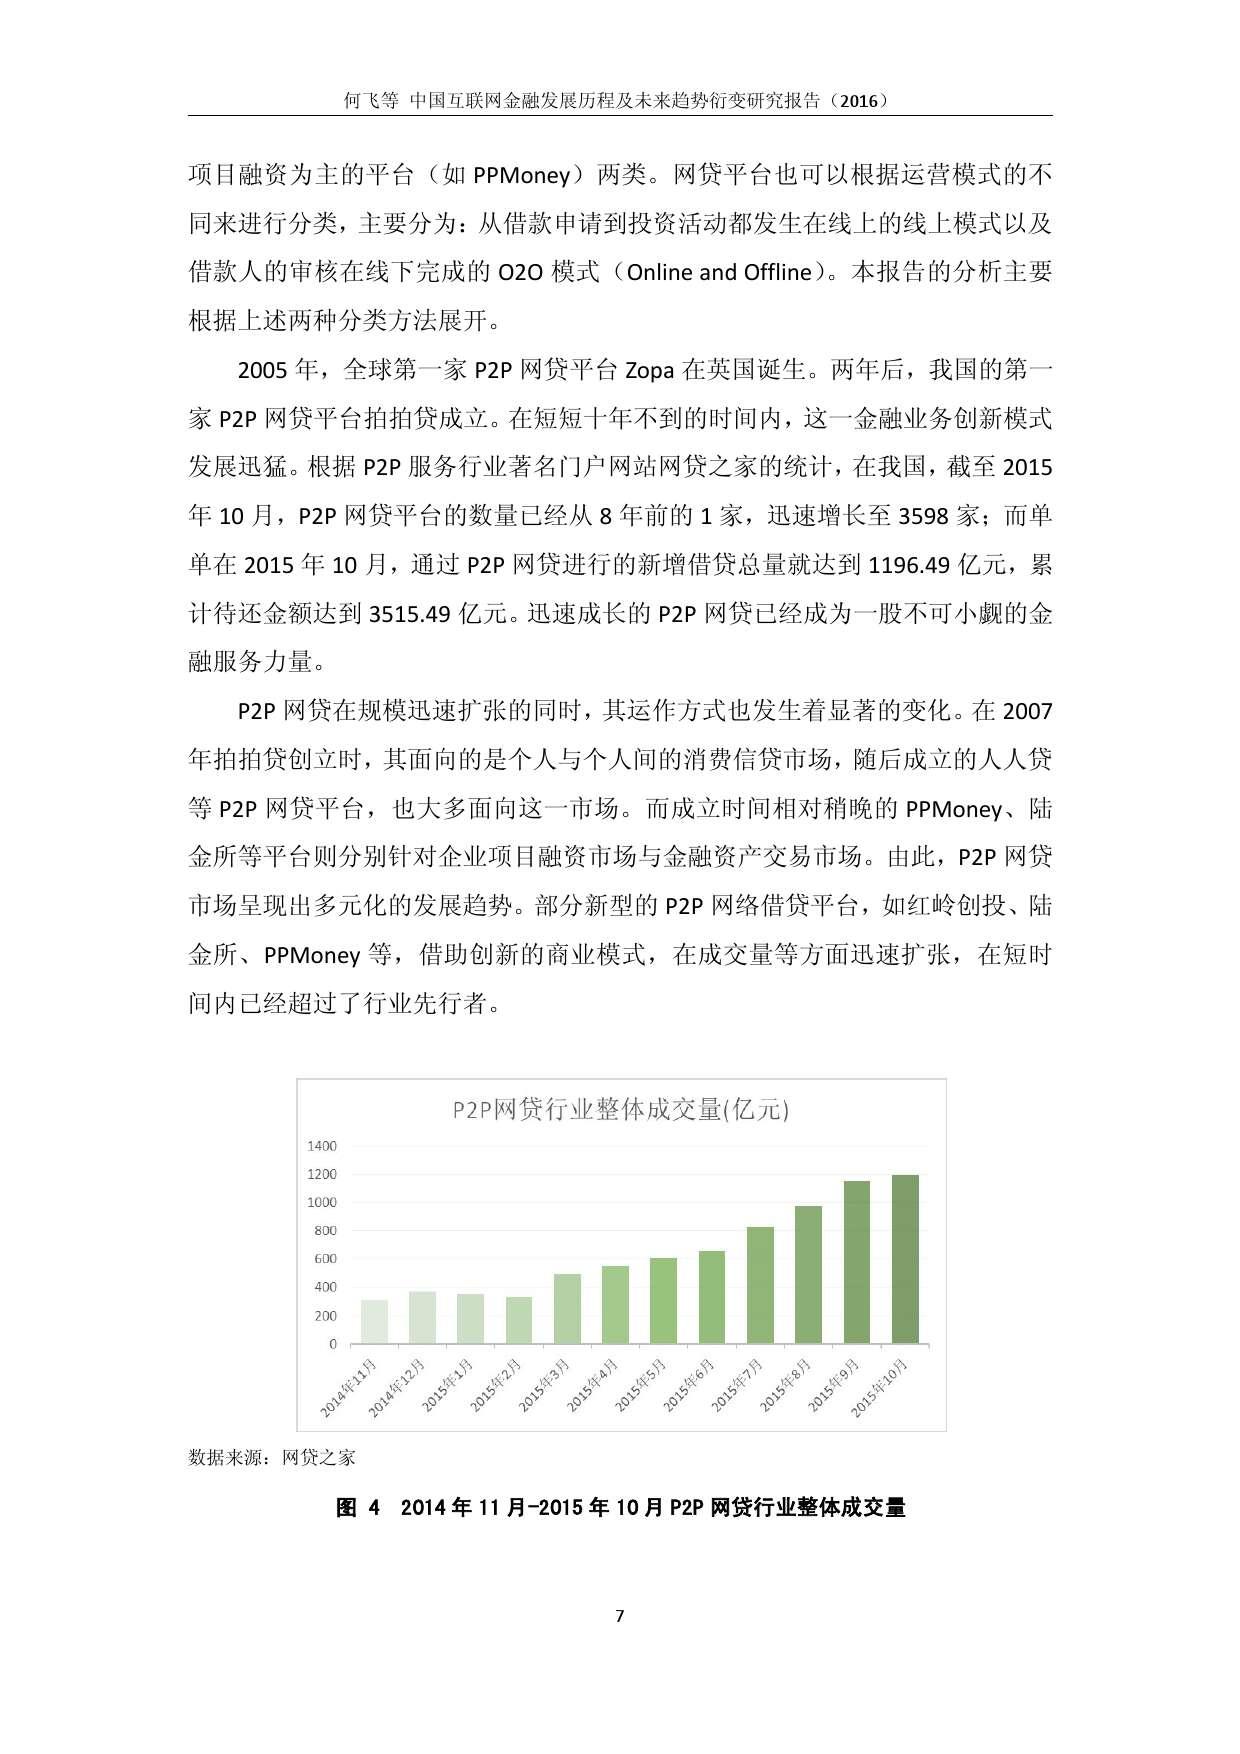 中国互联网金融发展历程及未来趋势衍变研究报告(2016)_000012